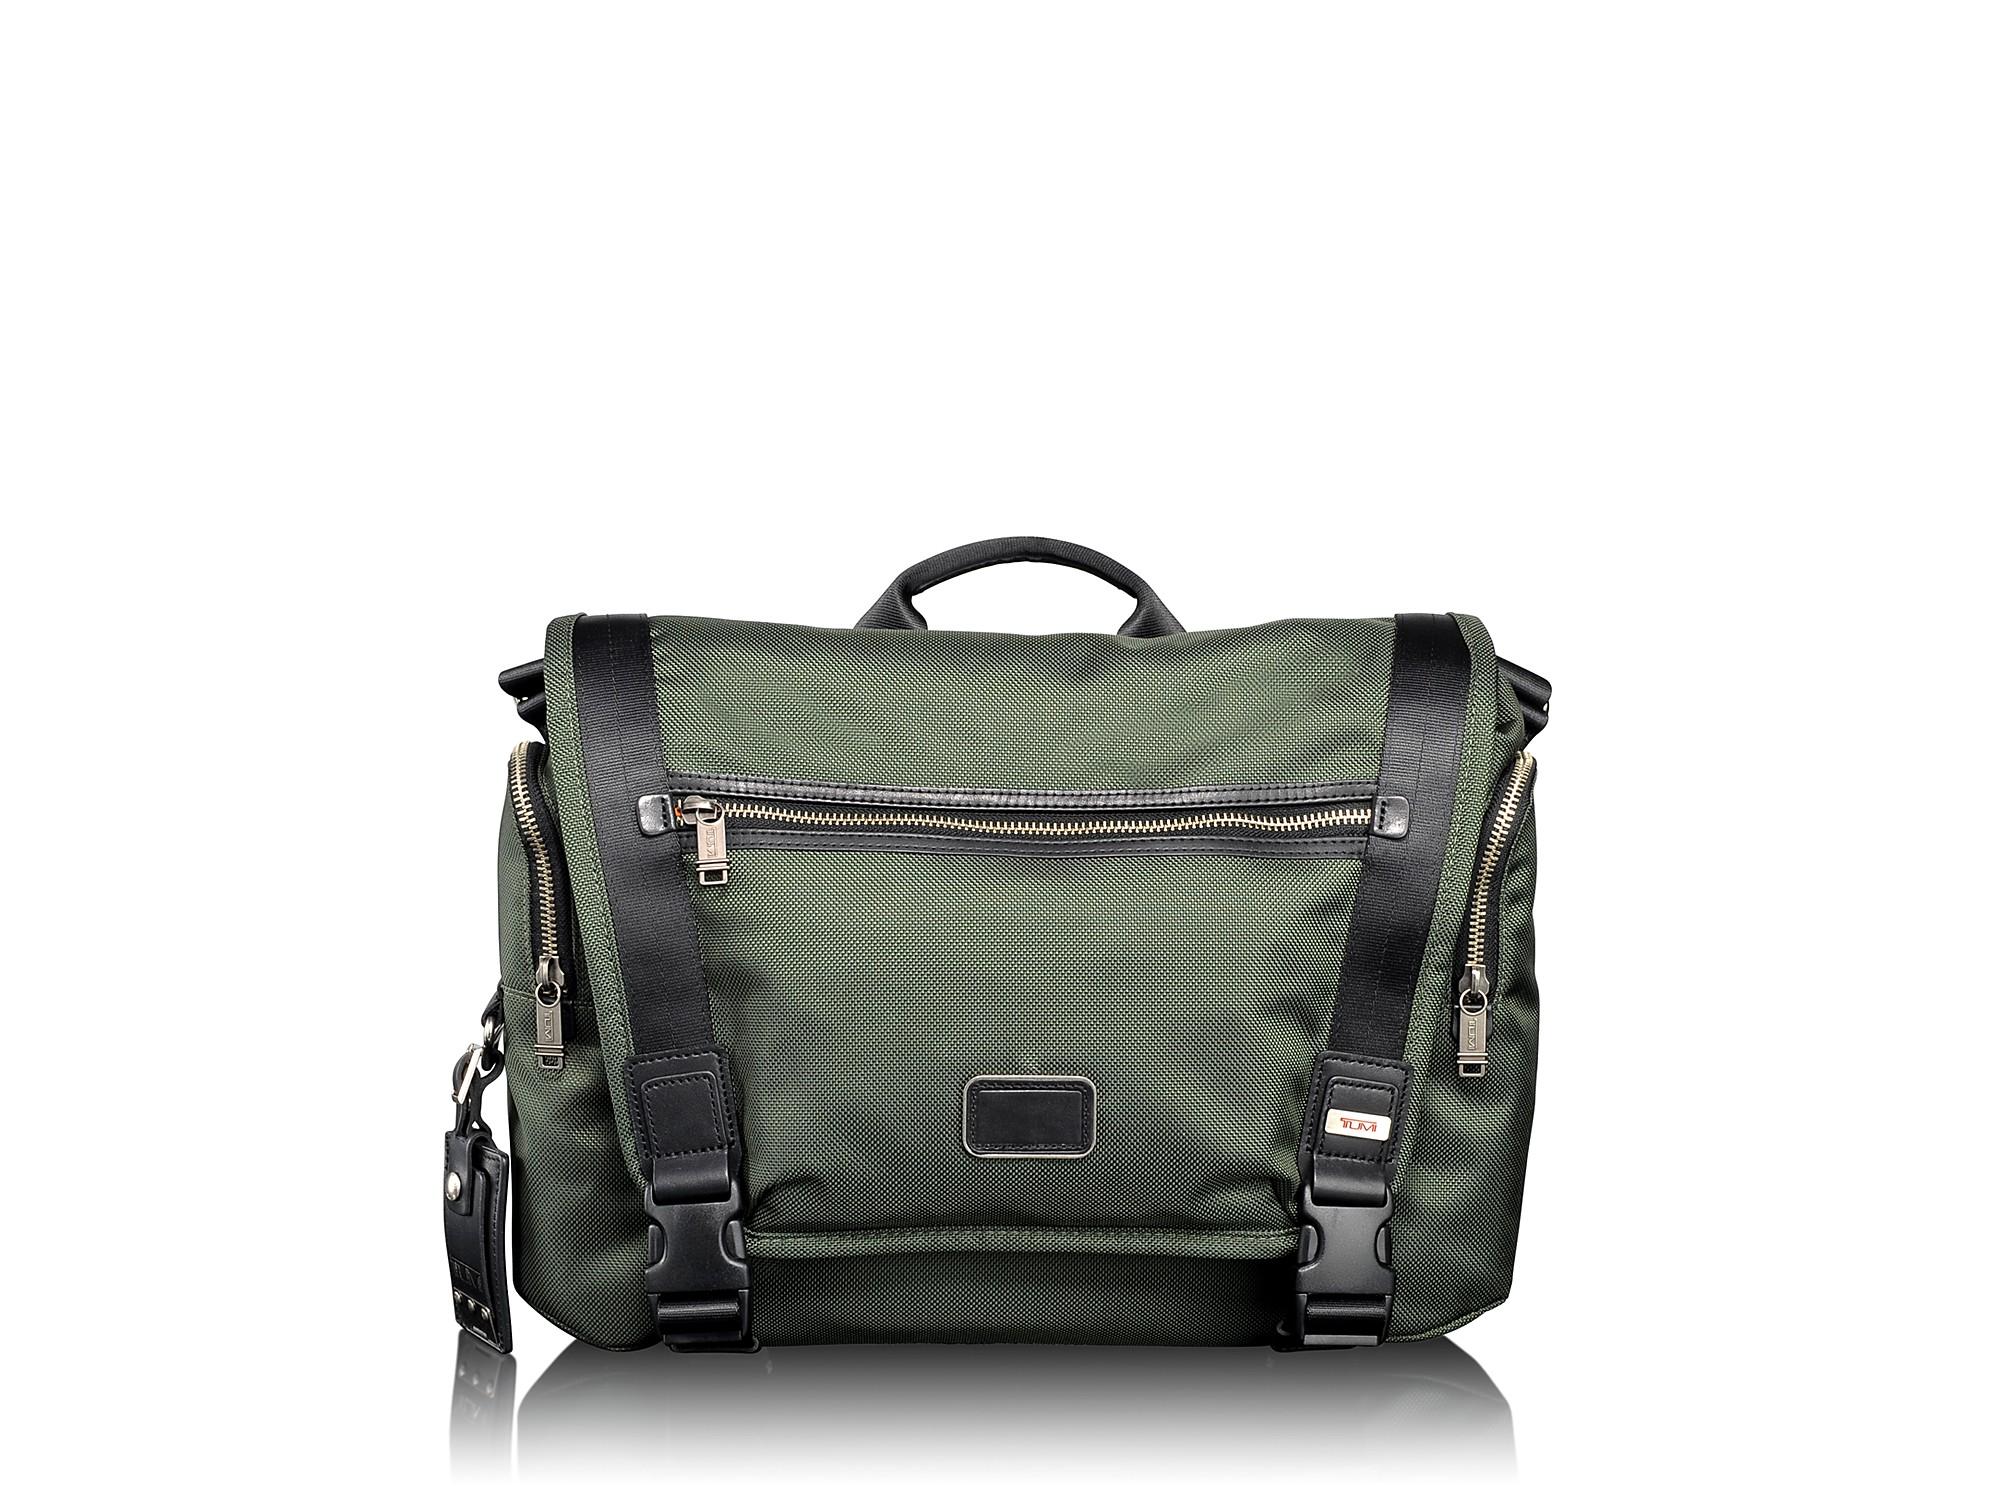 Gap Travel Bag